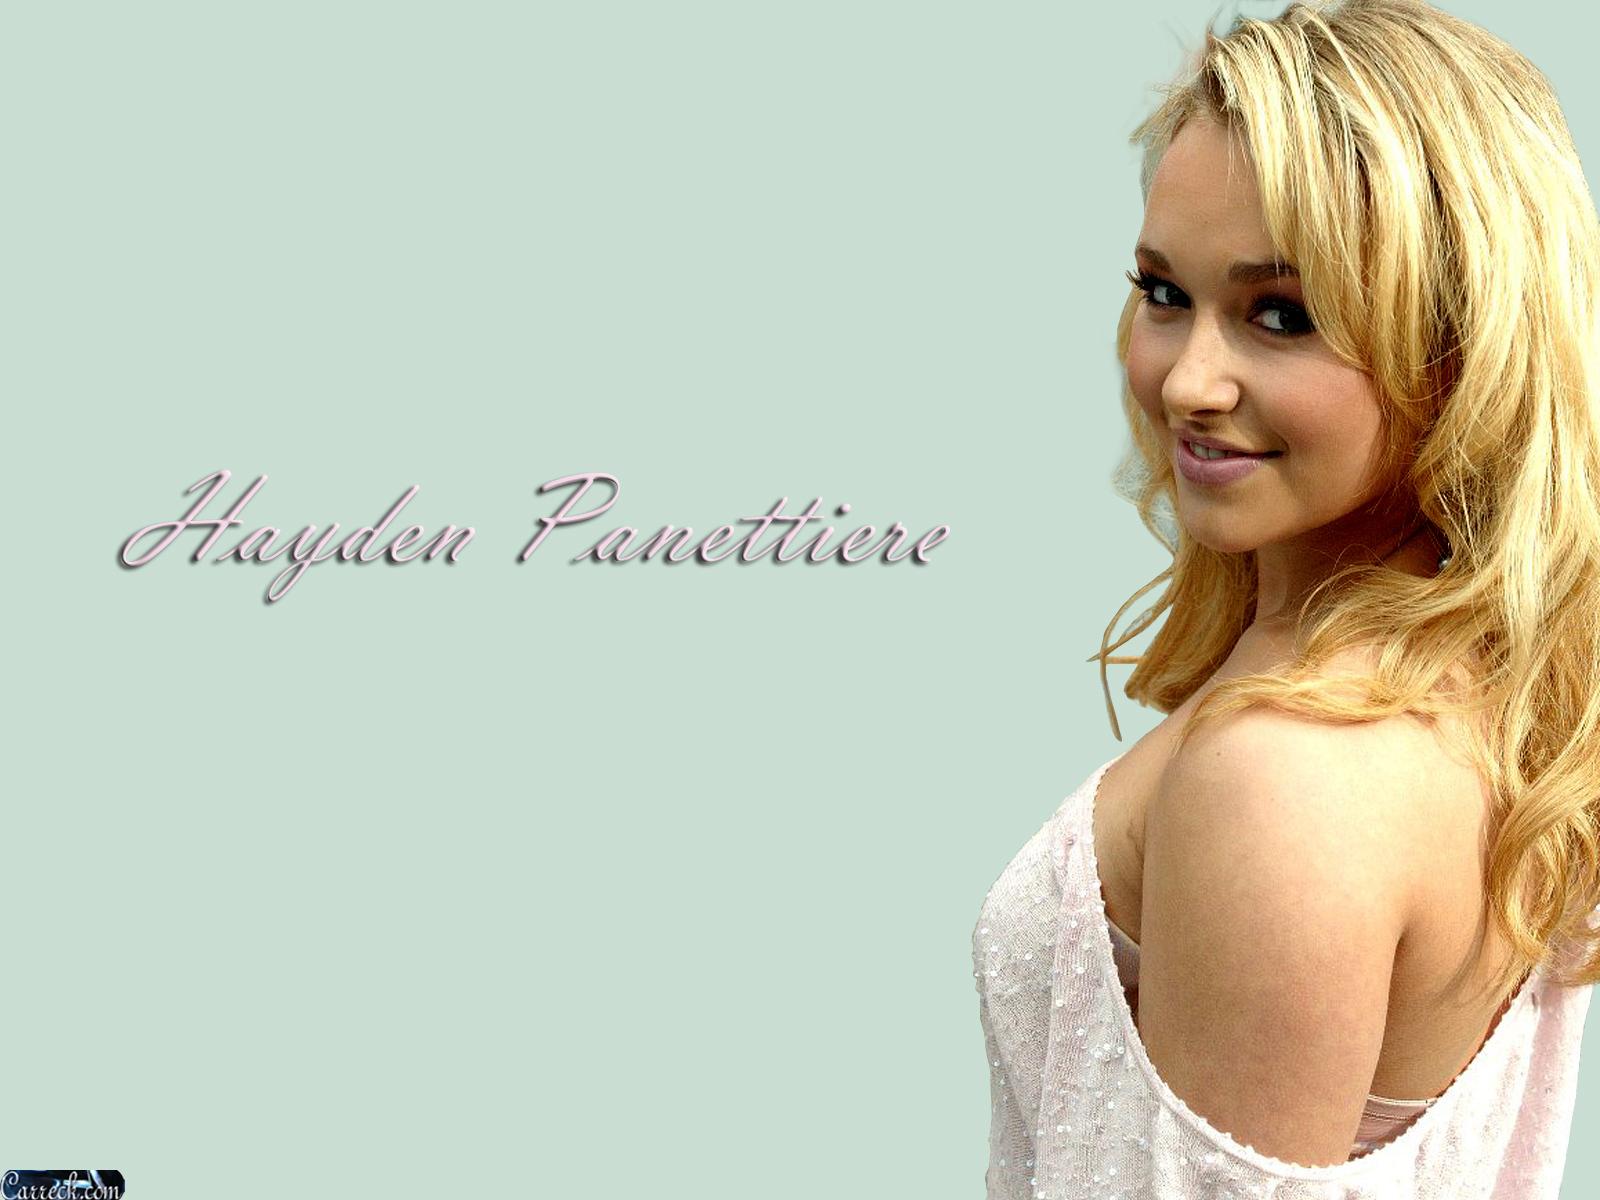 Hayden Panettiere - Ha... Hayden Panettiere Fansite